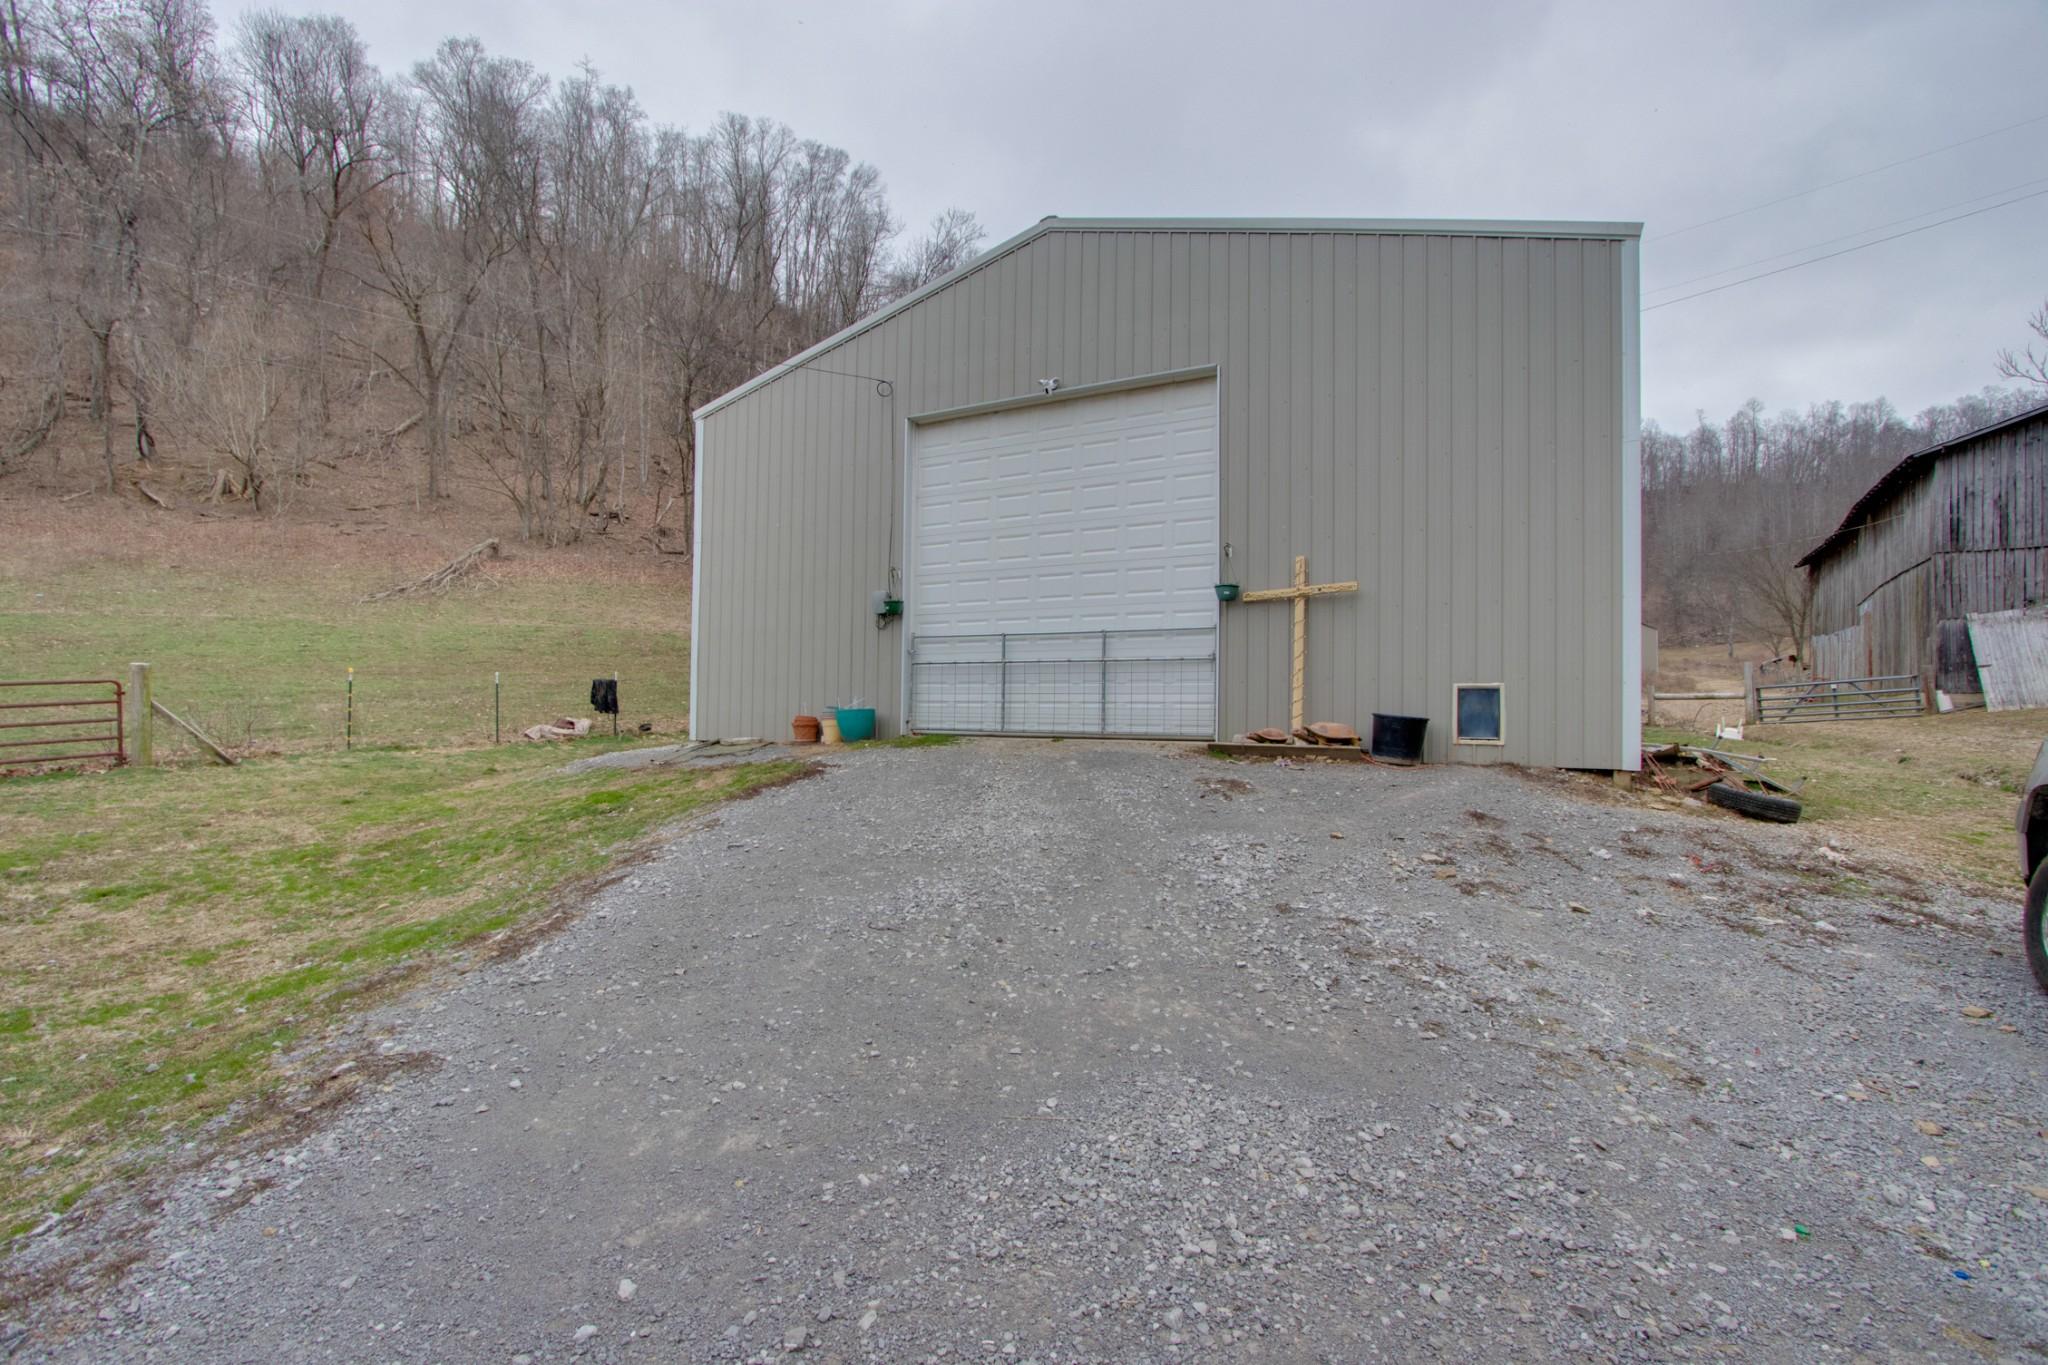 53 Friendship Hollow Rd, N, Pleasant Shade, TN 37145 - Pleasant Shade, TN real estate listing